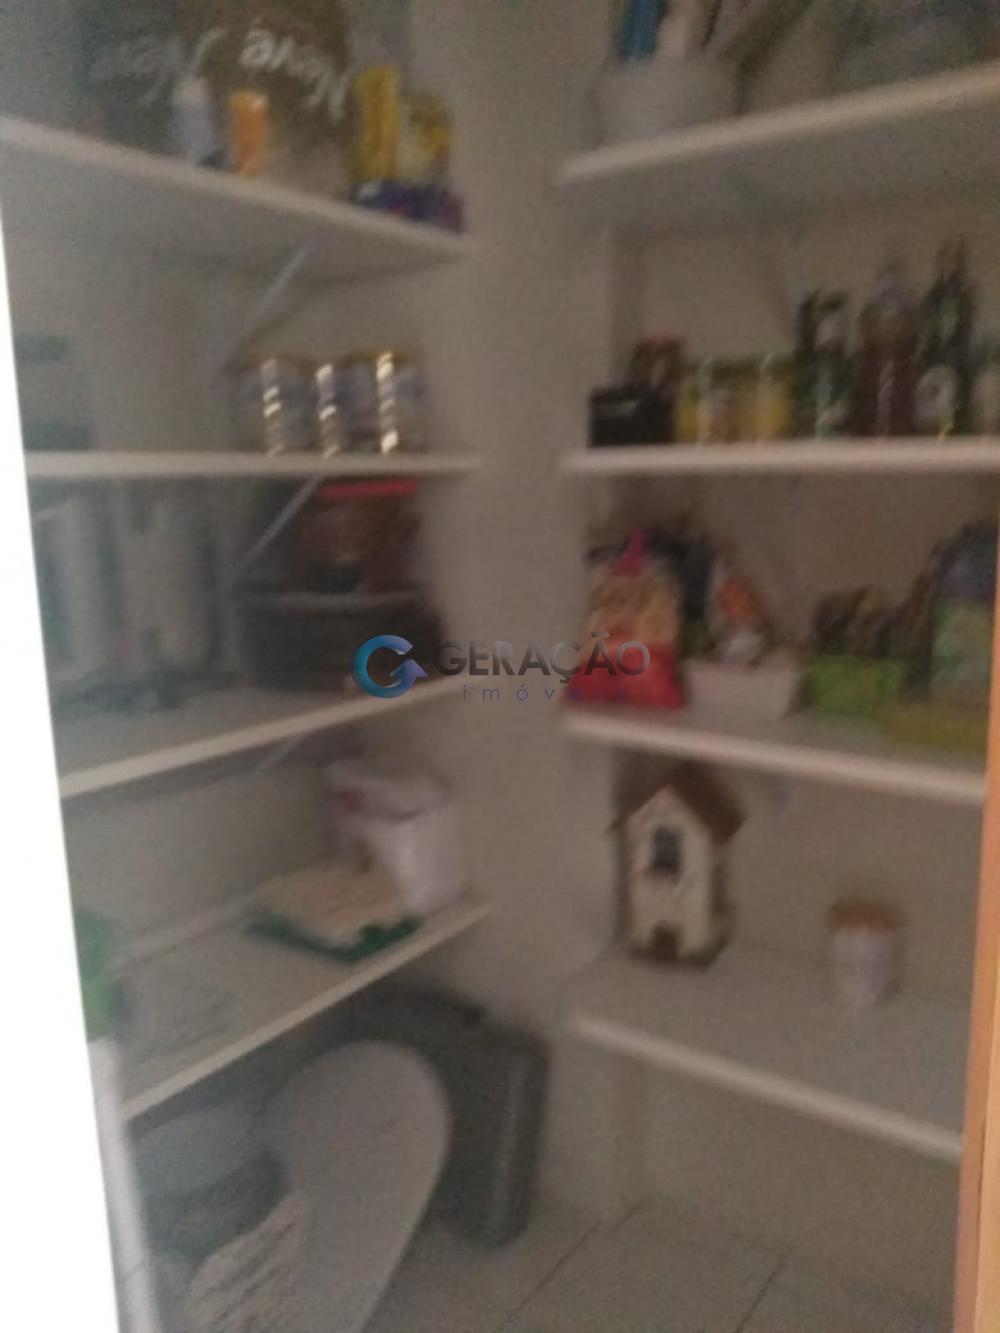 Comprar Apartamento / Padrão em São José dos Campos R$ 1.300.000,00 - Foto 26